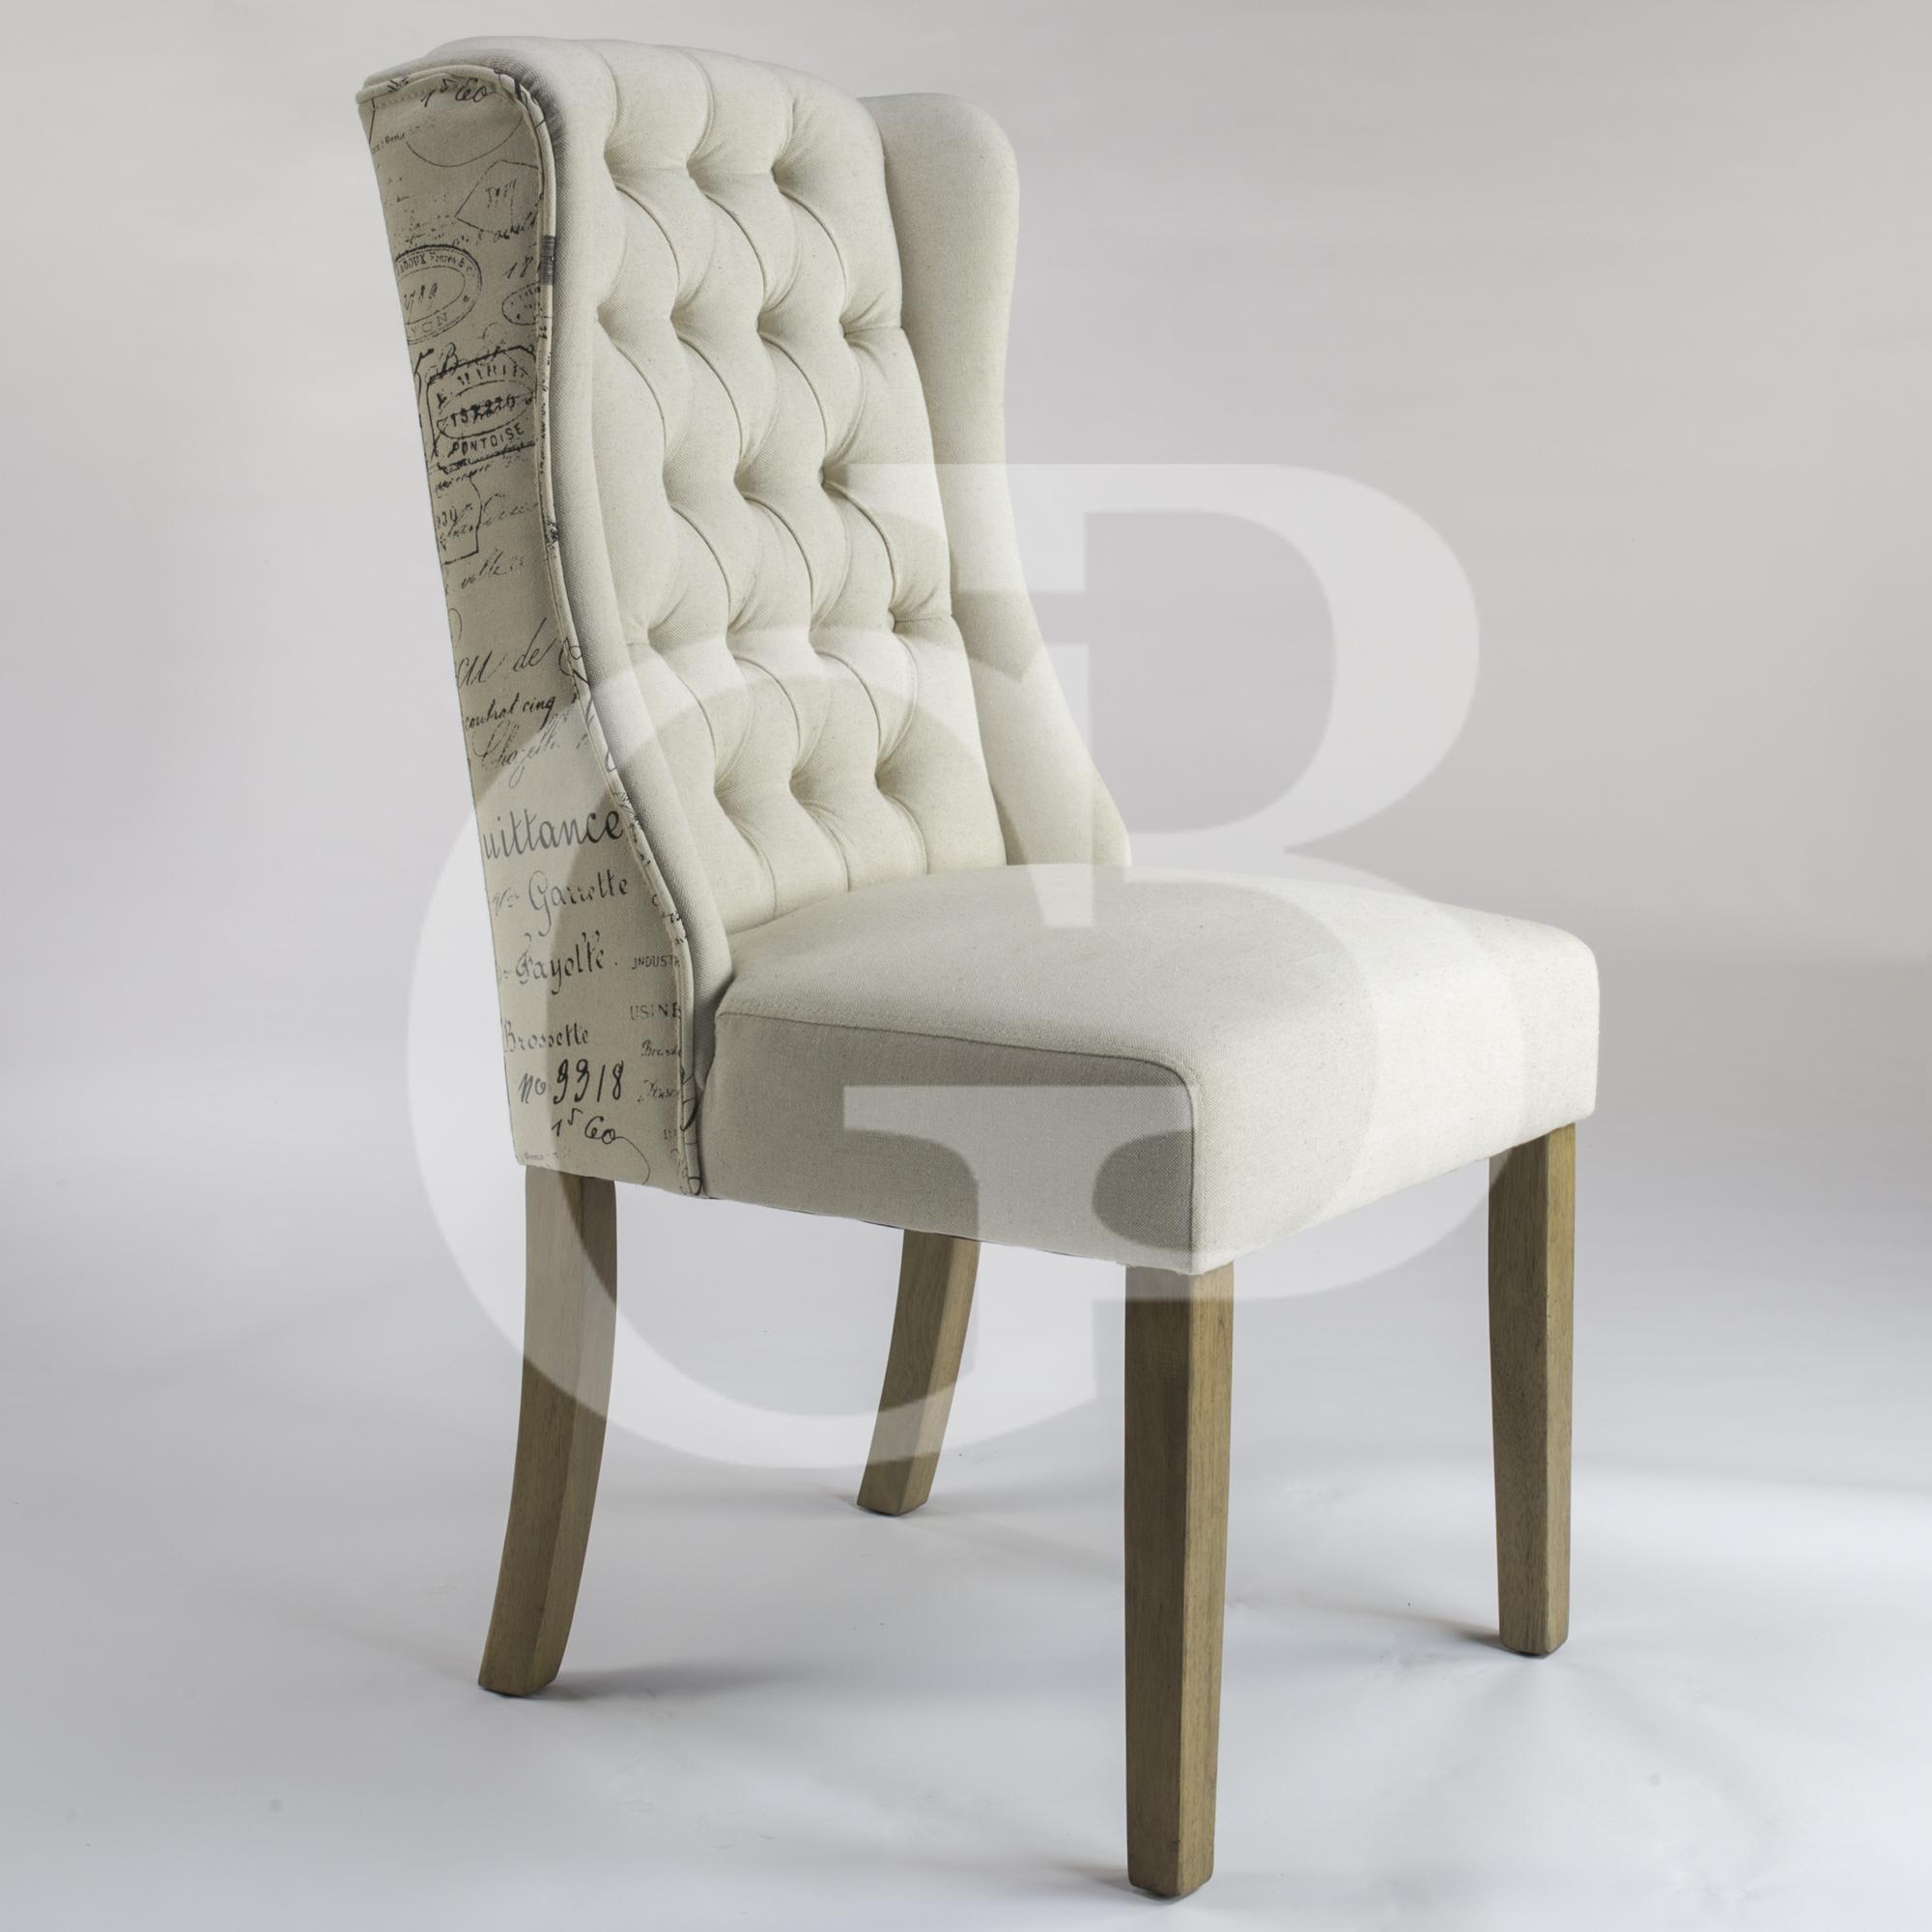 Egb75 s new henley script upholstered linen dining chair for Upholstered linen dining chairs